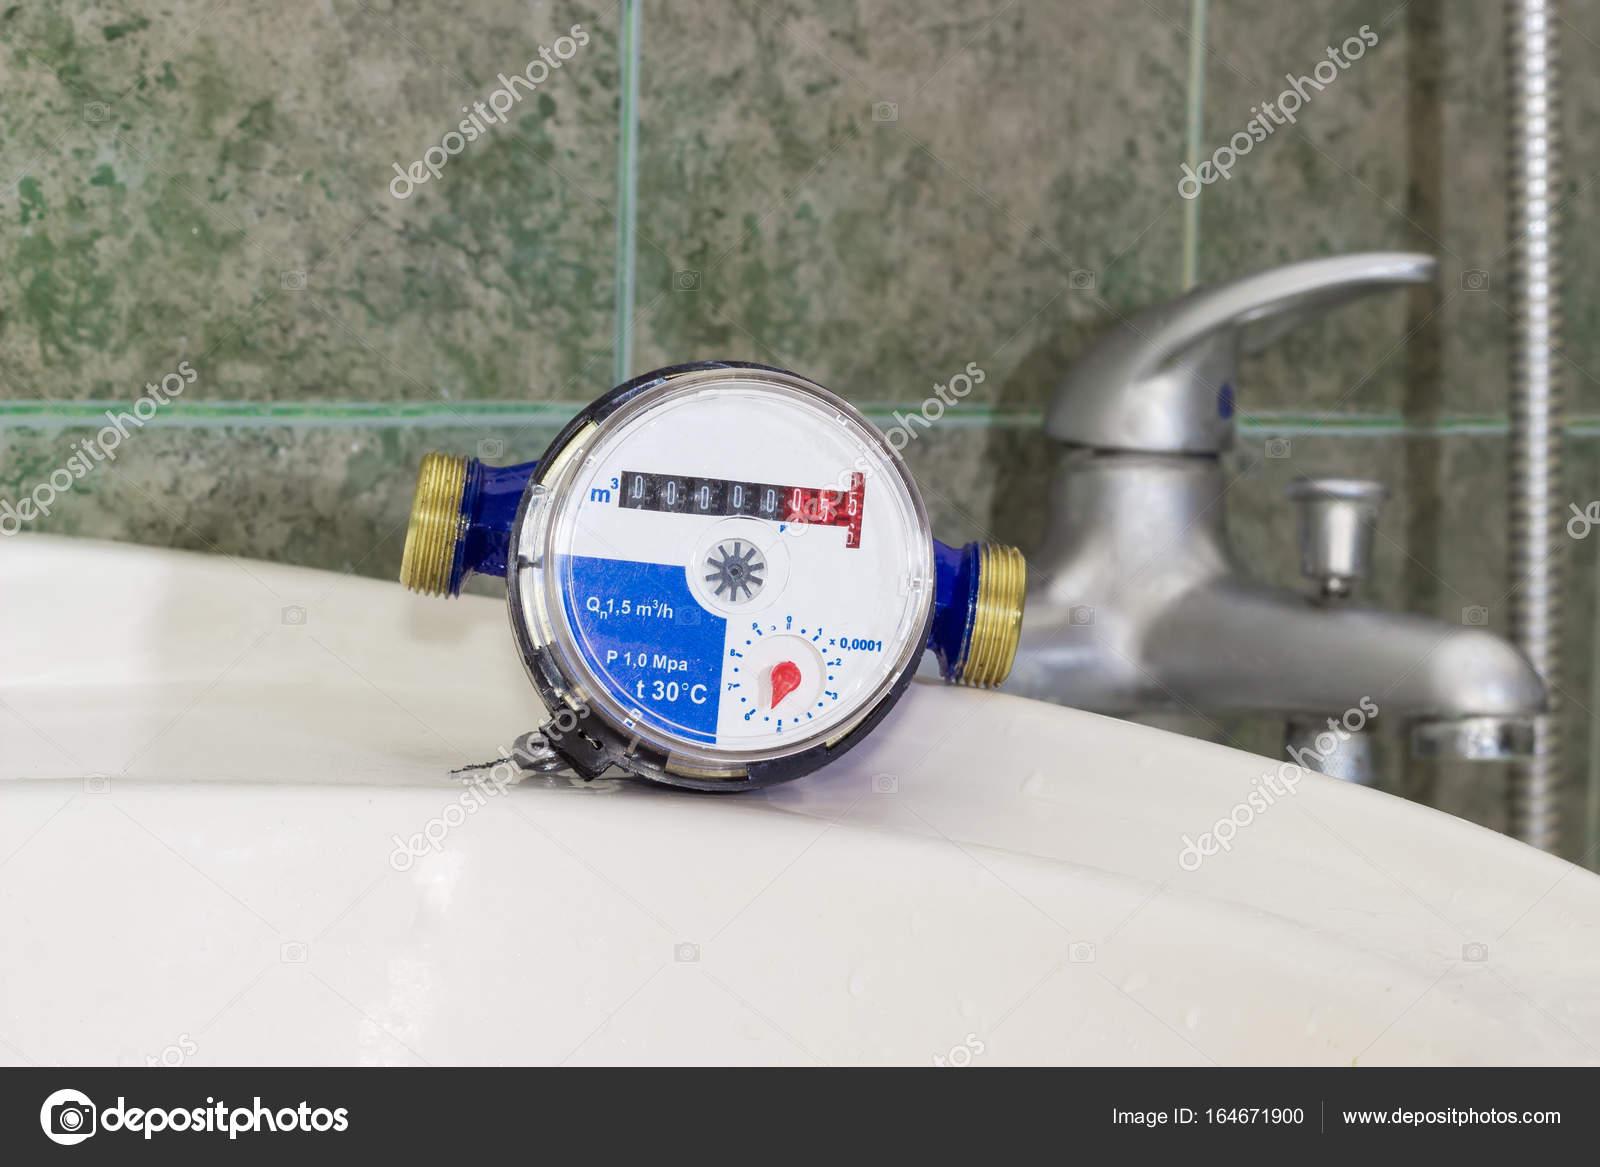 Wastafel 1 Meter : Watermeter op wastafel tegen van handvat mengkraan u stockfoto